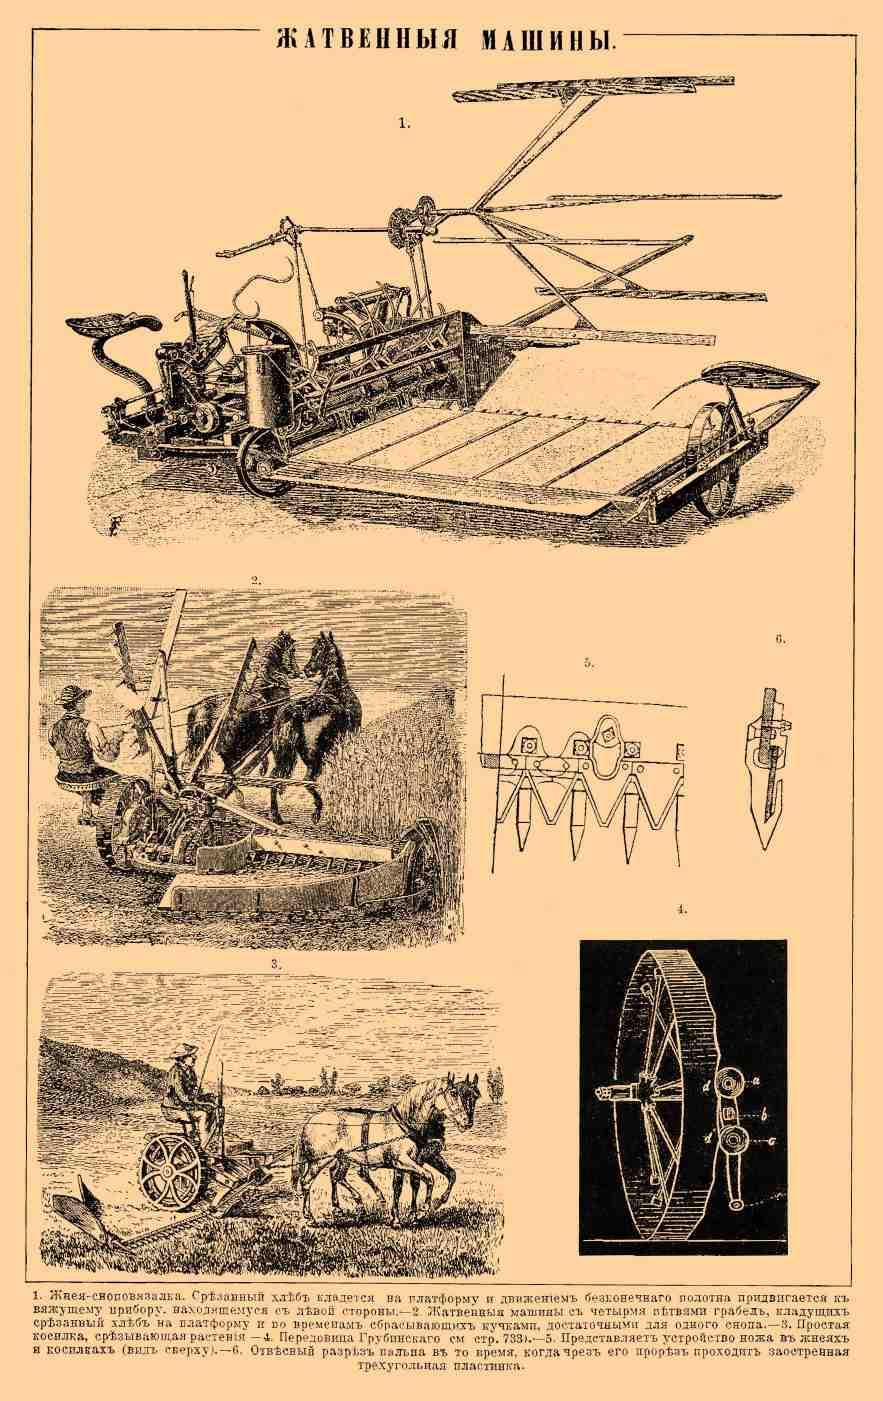 Различные модификации плуга в фотографиях и гравюрах EncyclopediyaRU-22_730-0